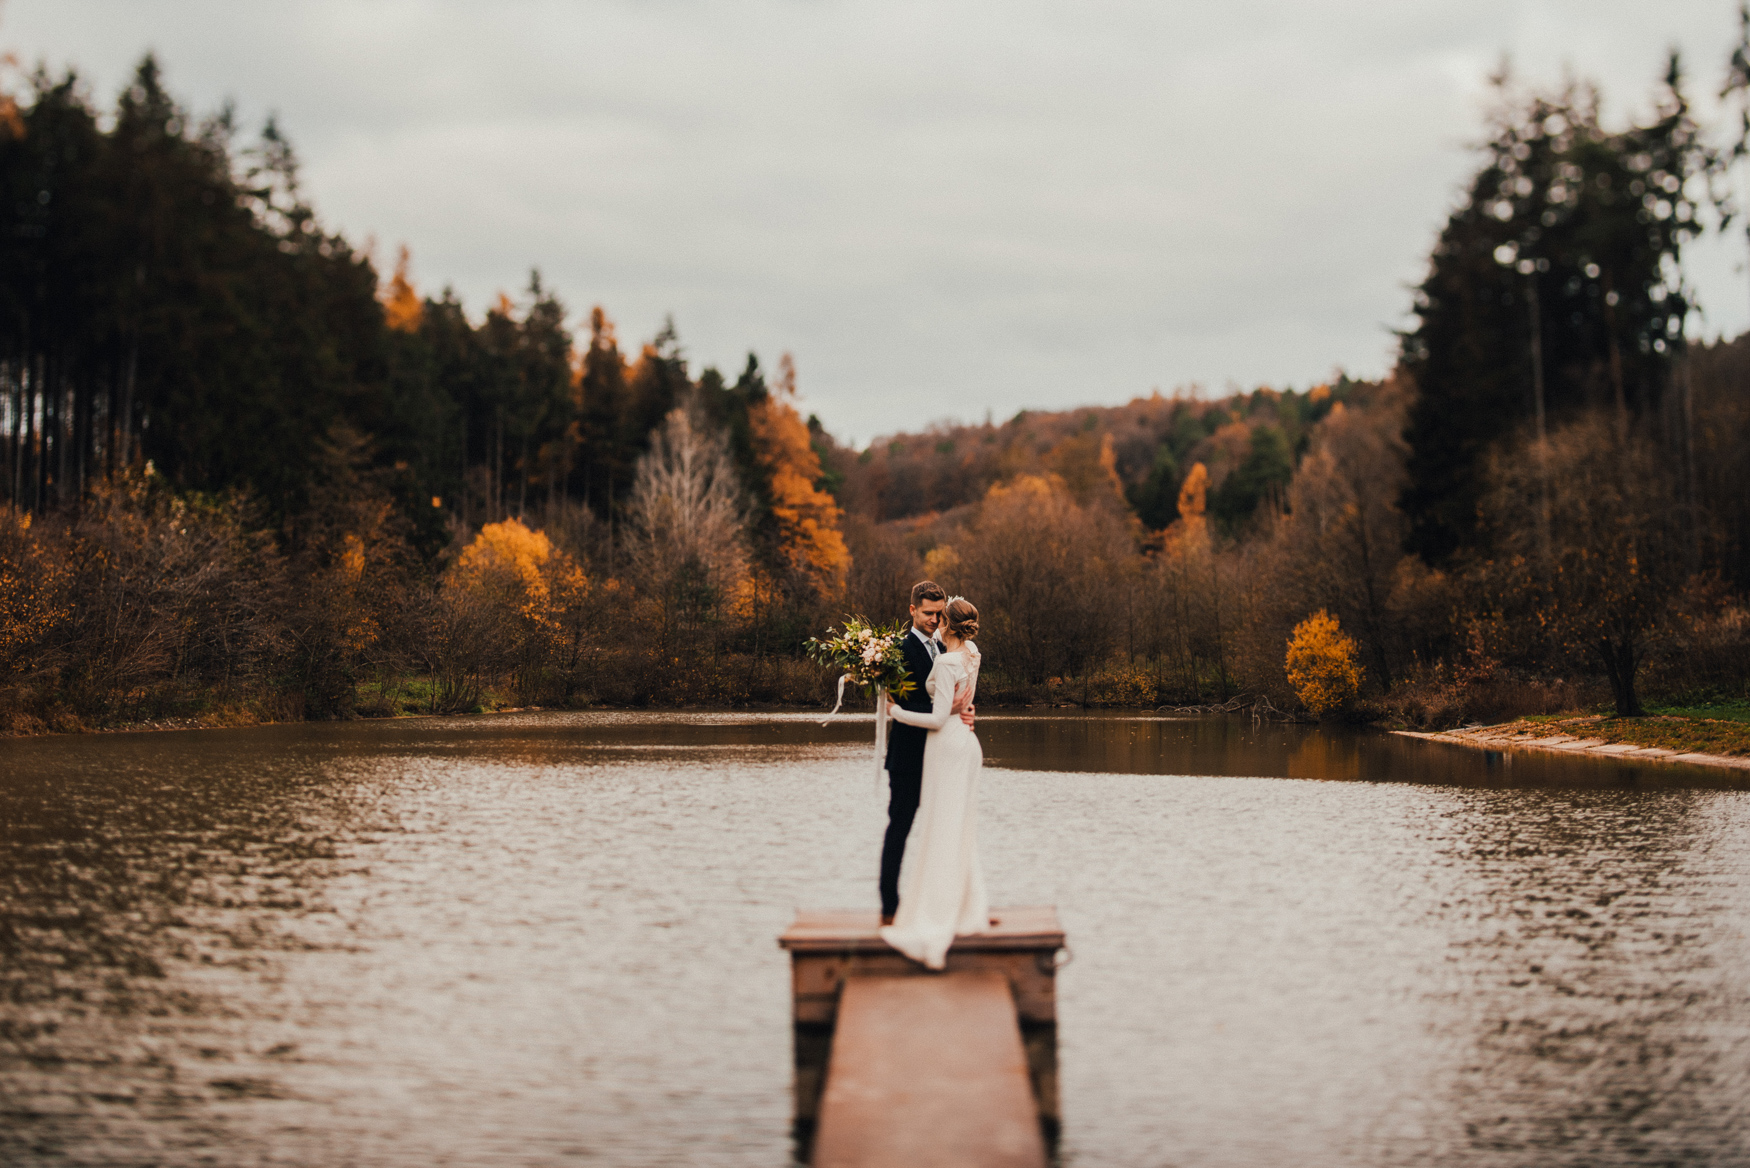 bestof2017_053 svadba zikmundov boho wedding.jpg